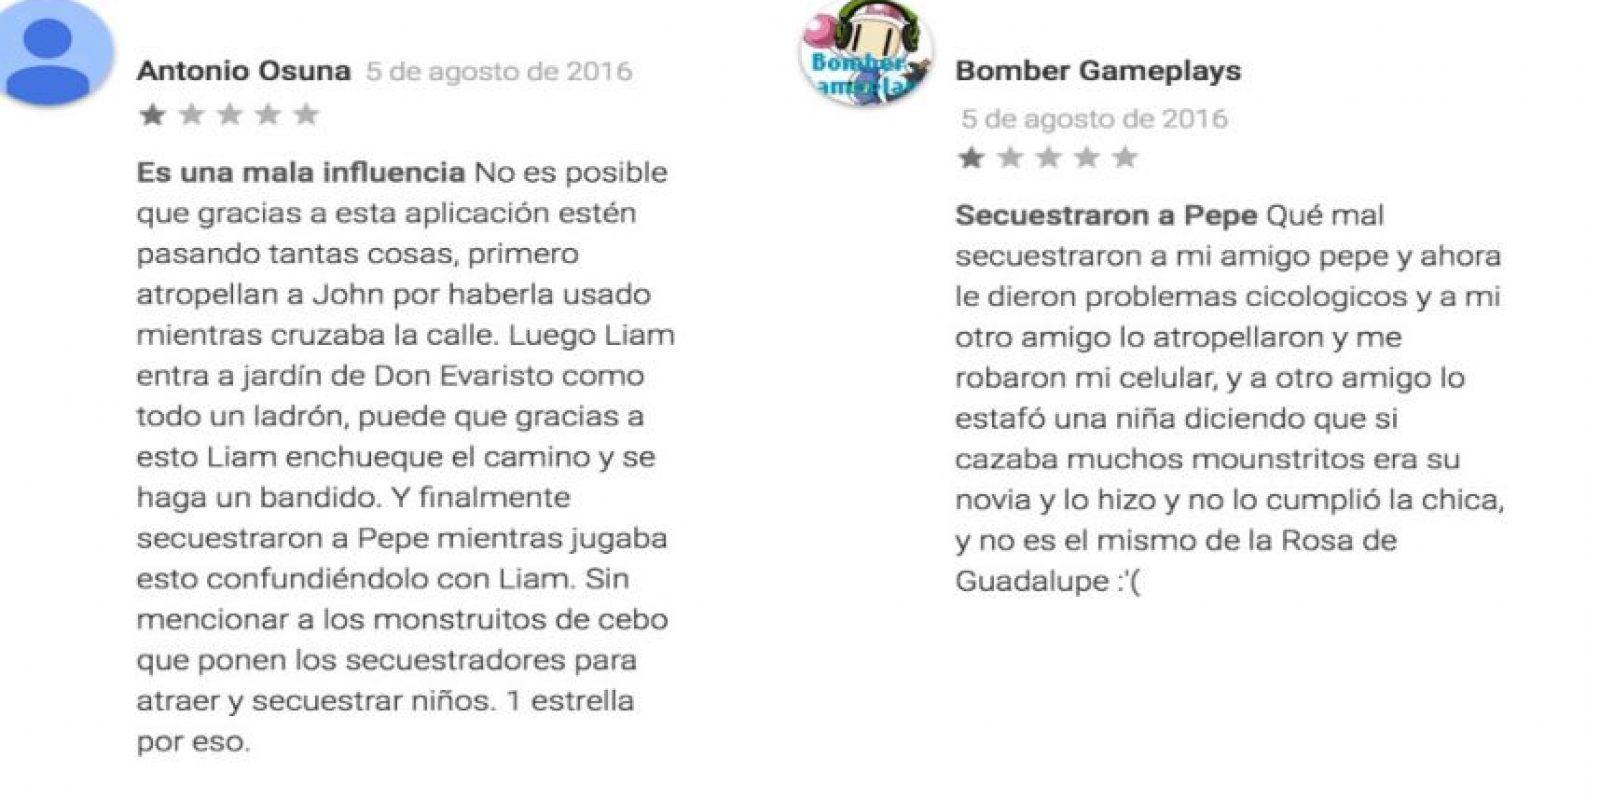 Comentarios en la Play Store Foto:Play Store